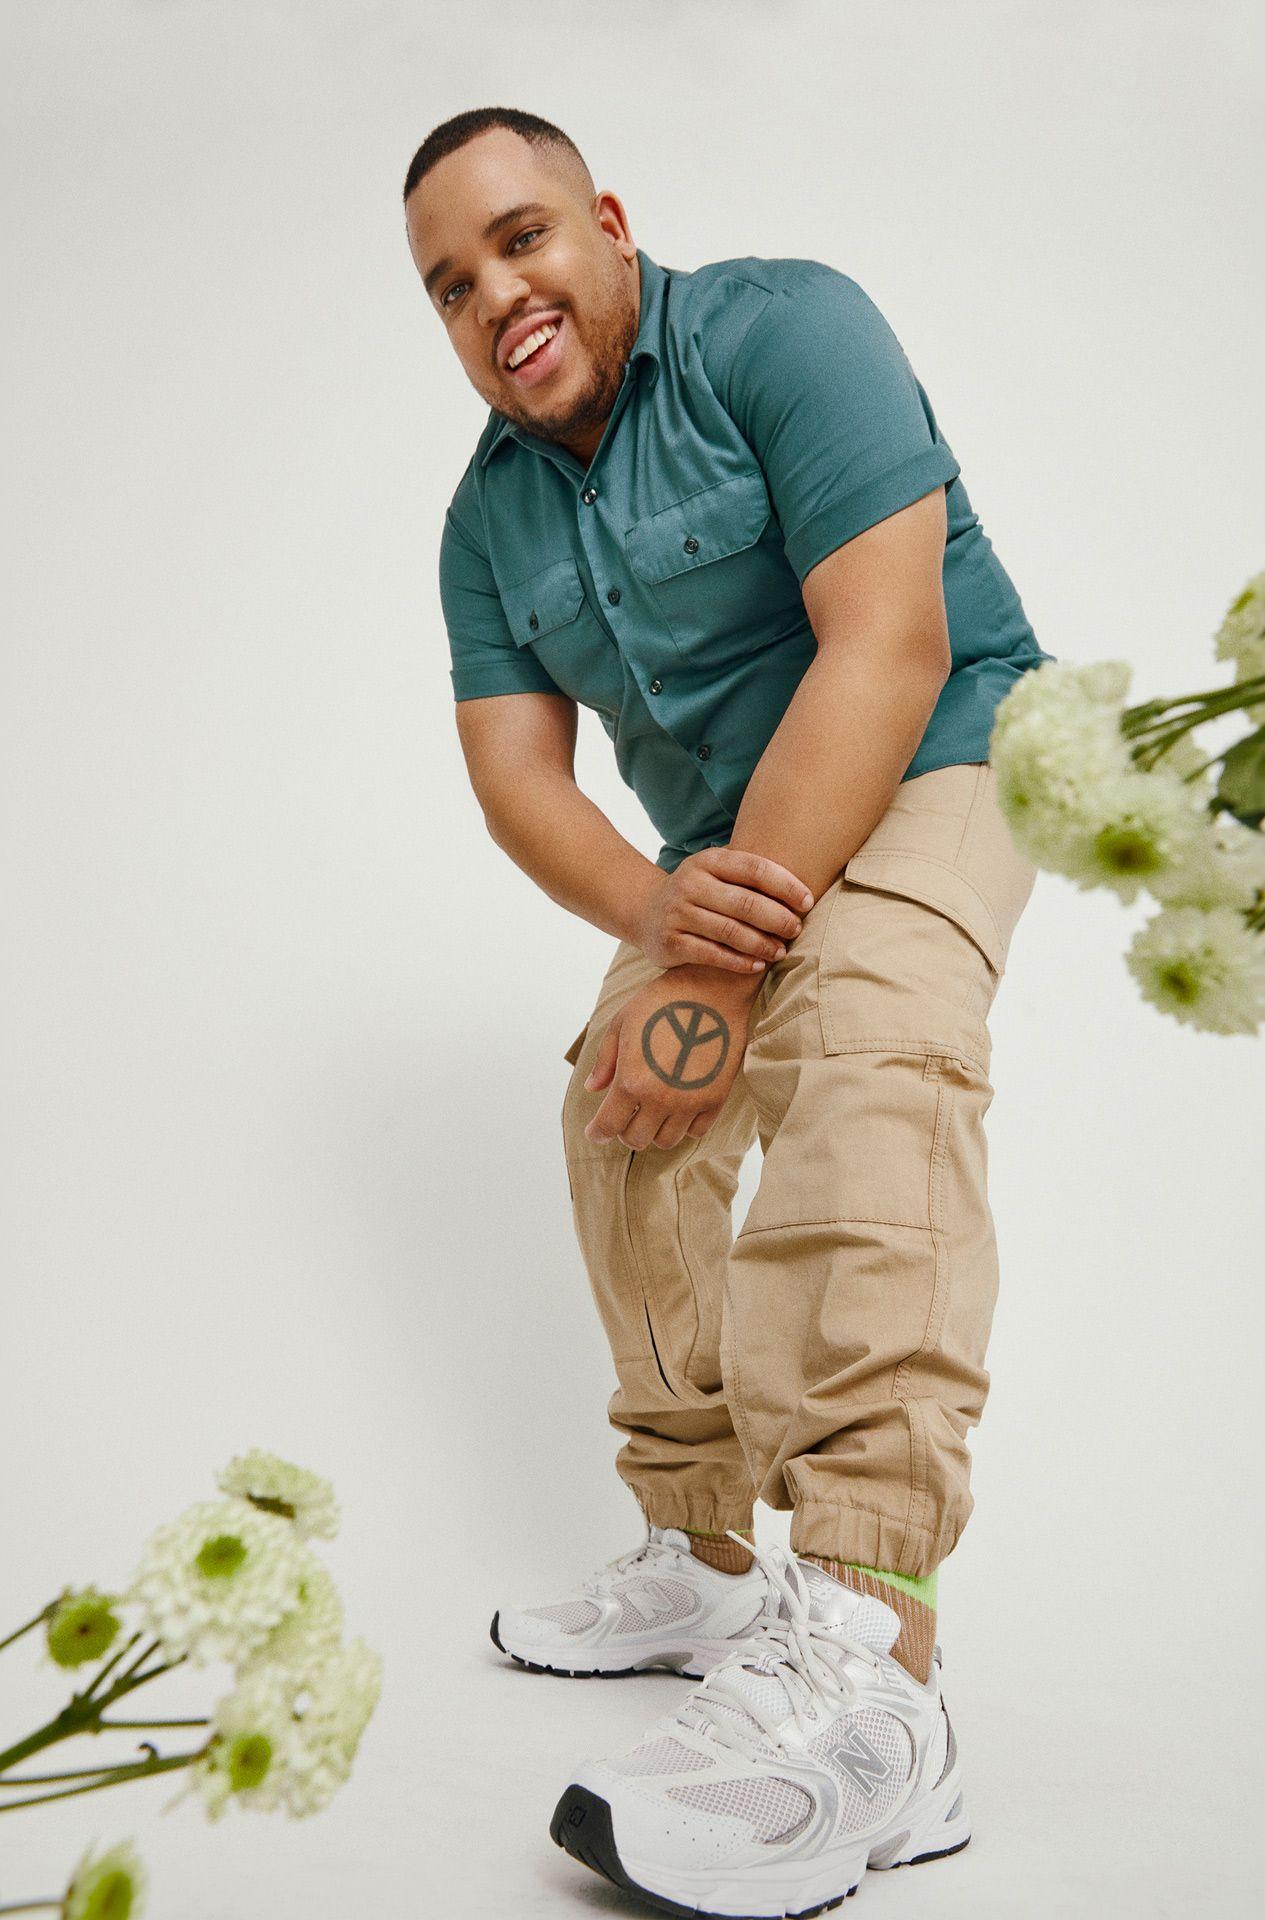 Homme souriant, incliné vers le bas et regardant l'appareil photo. Il est debout sur un fond blanc et porte une chemise bleue à manches courtes, un pantalon beige et des baskets blanches New Balance.